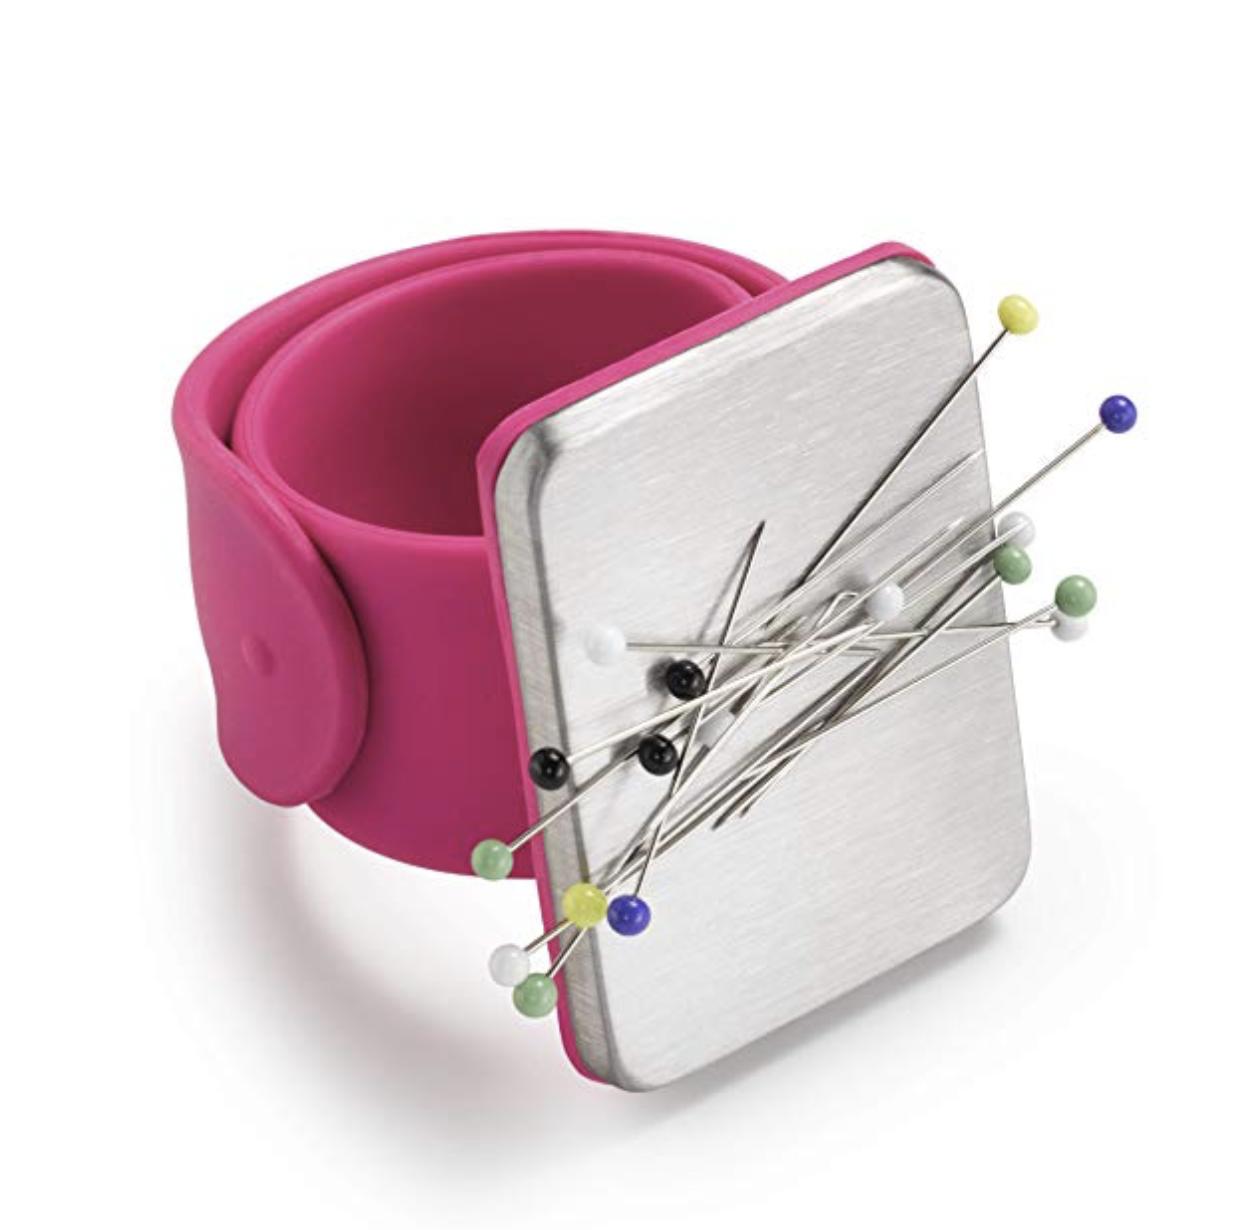 magnetisches Nadelkissen für das Handgelenk